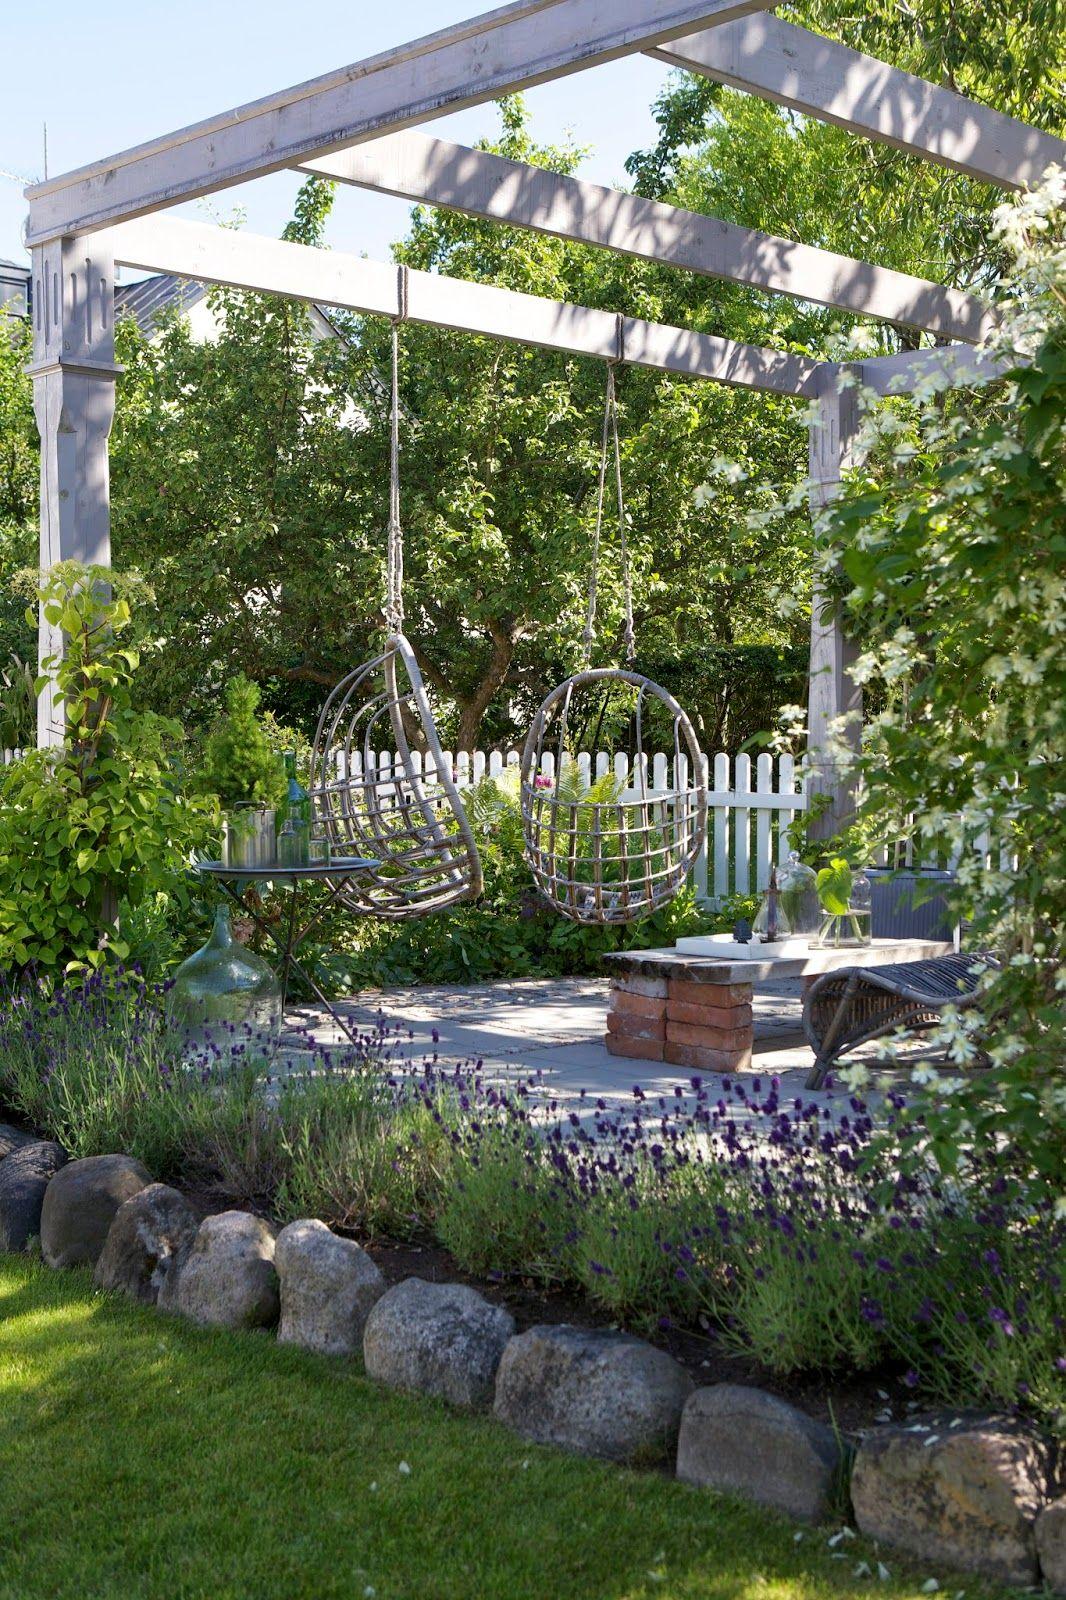 Patio Edge Plants Garden Pergola Tradgardsideer Bakgard